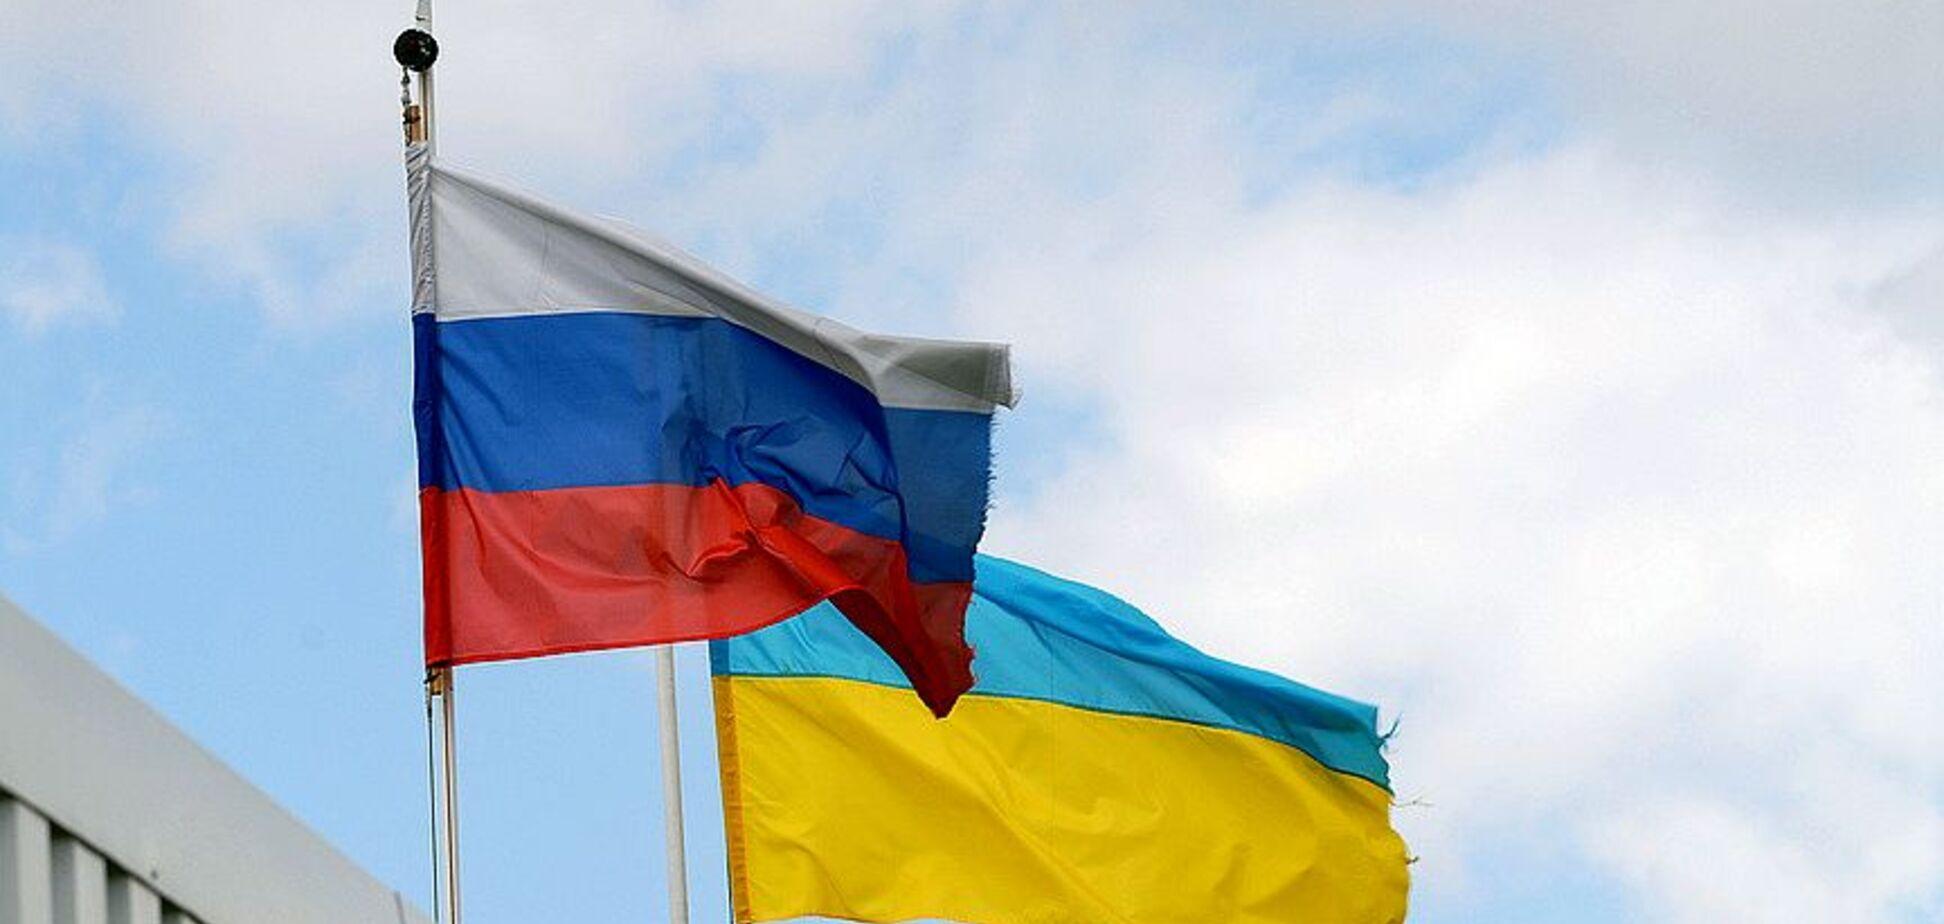 Украина будет покупать газ у России: 'Нафтогаз' сделал неожиданное заявление